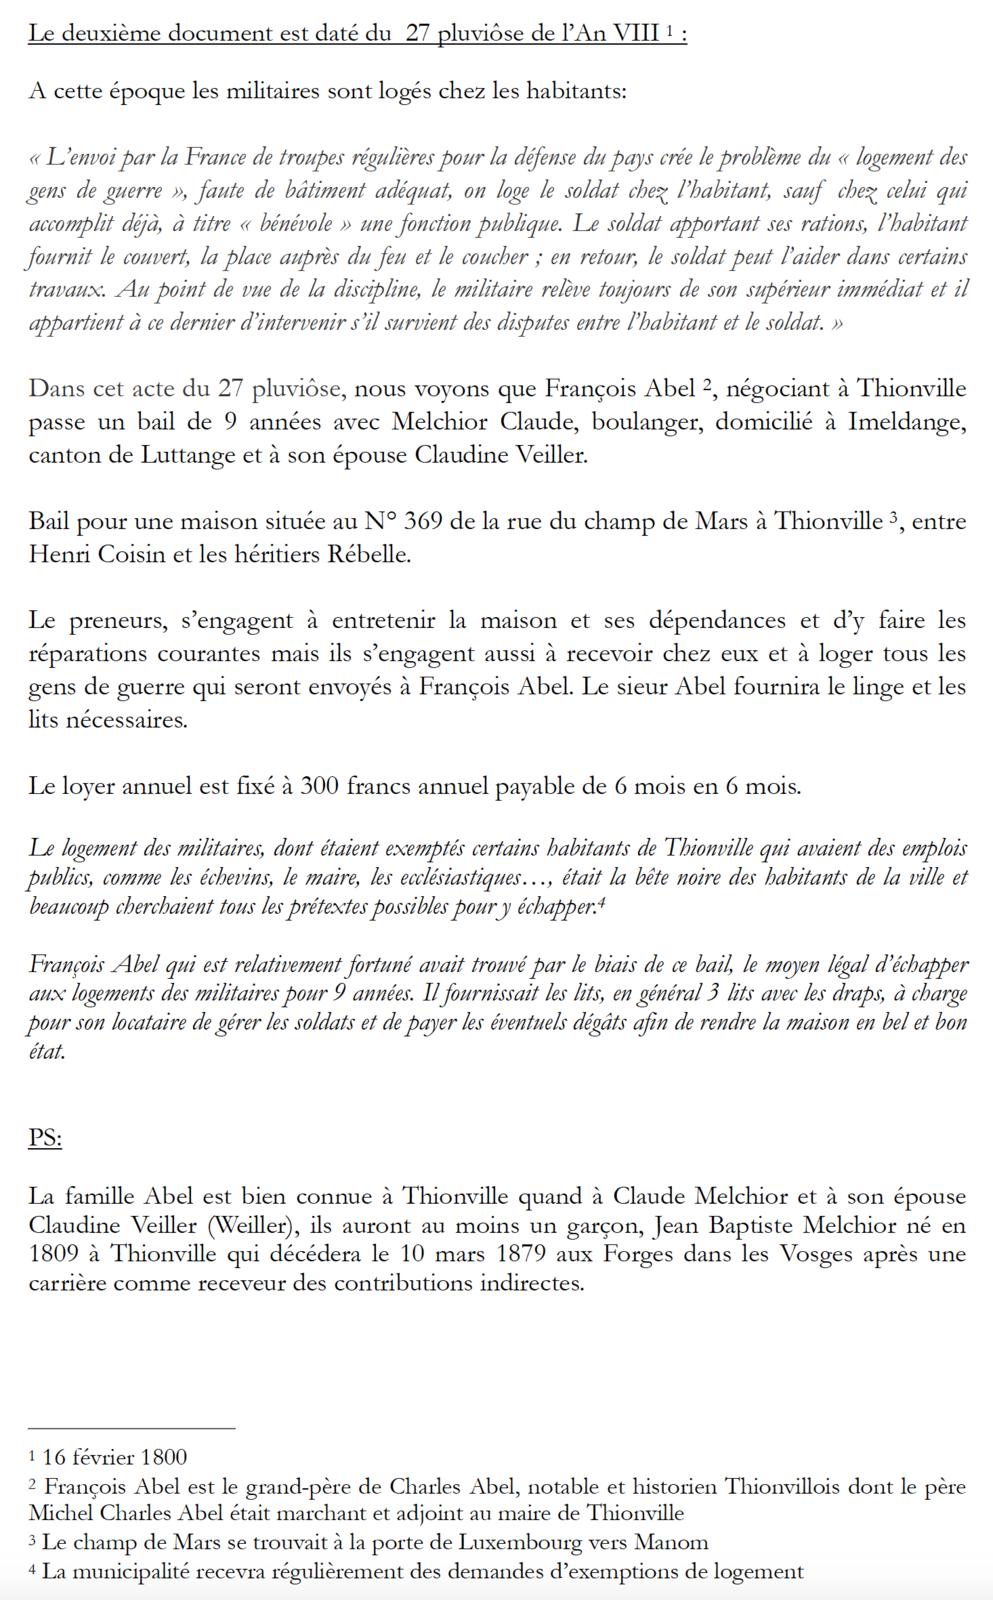 Thionville An VIII - Comment se soustraire légalement à ses obligations